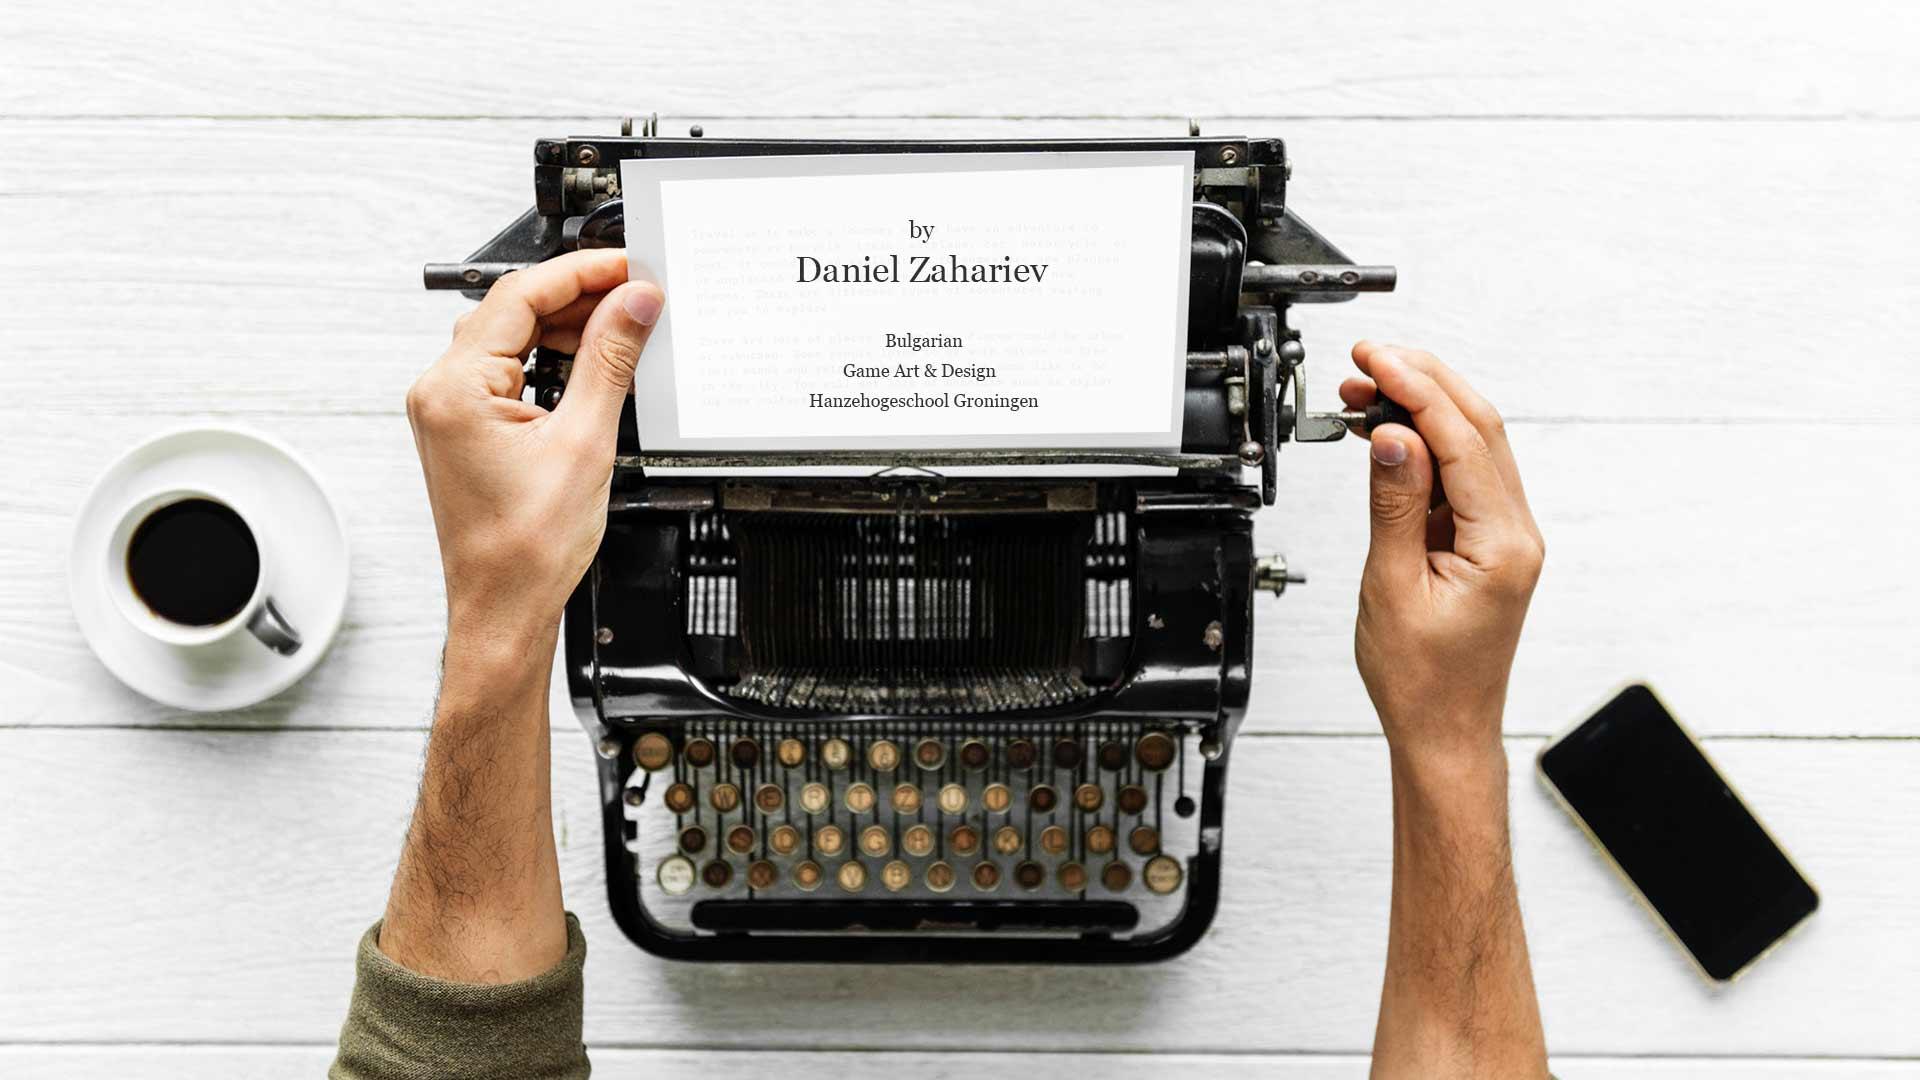 Personal Story by Daniel Zahariev